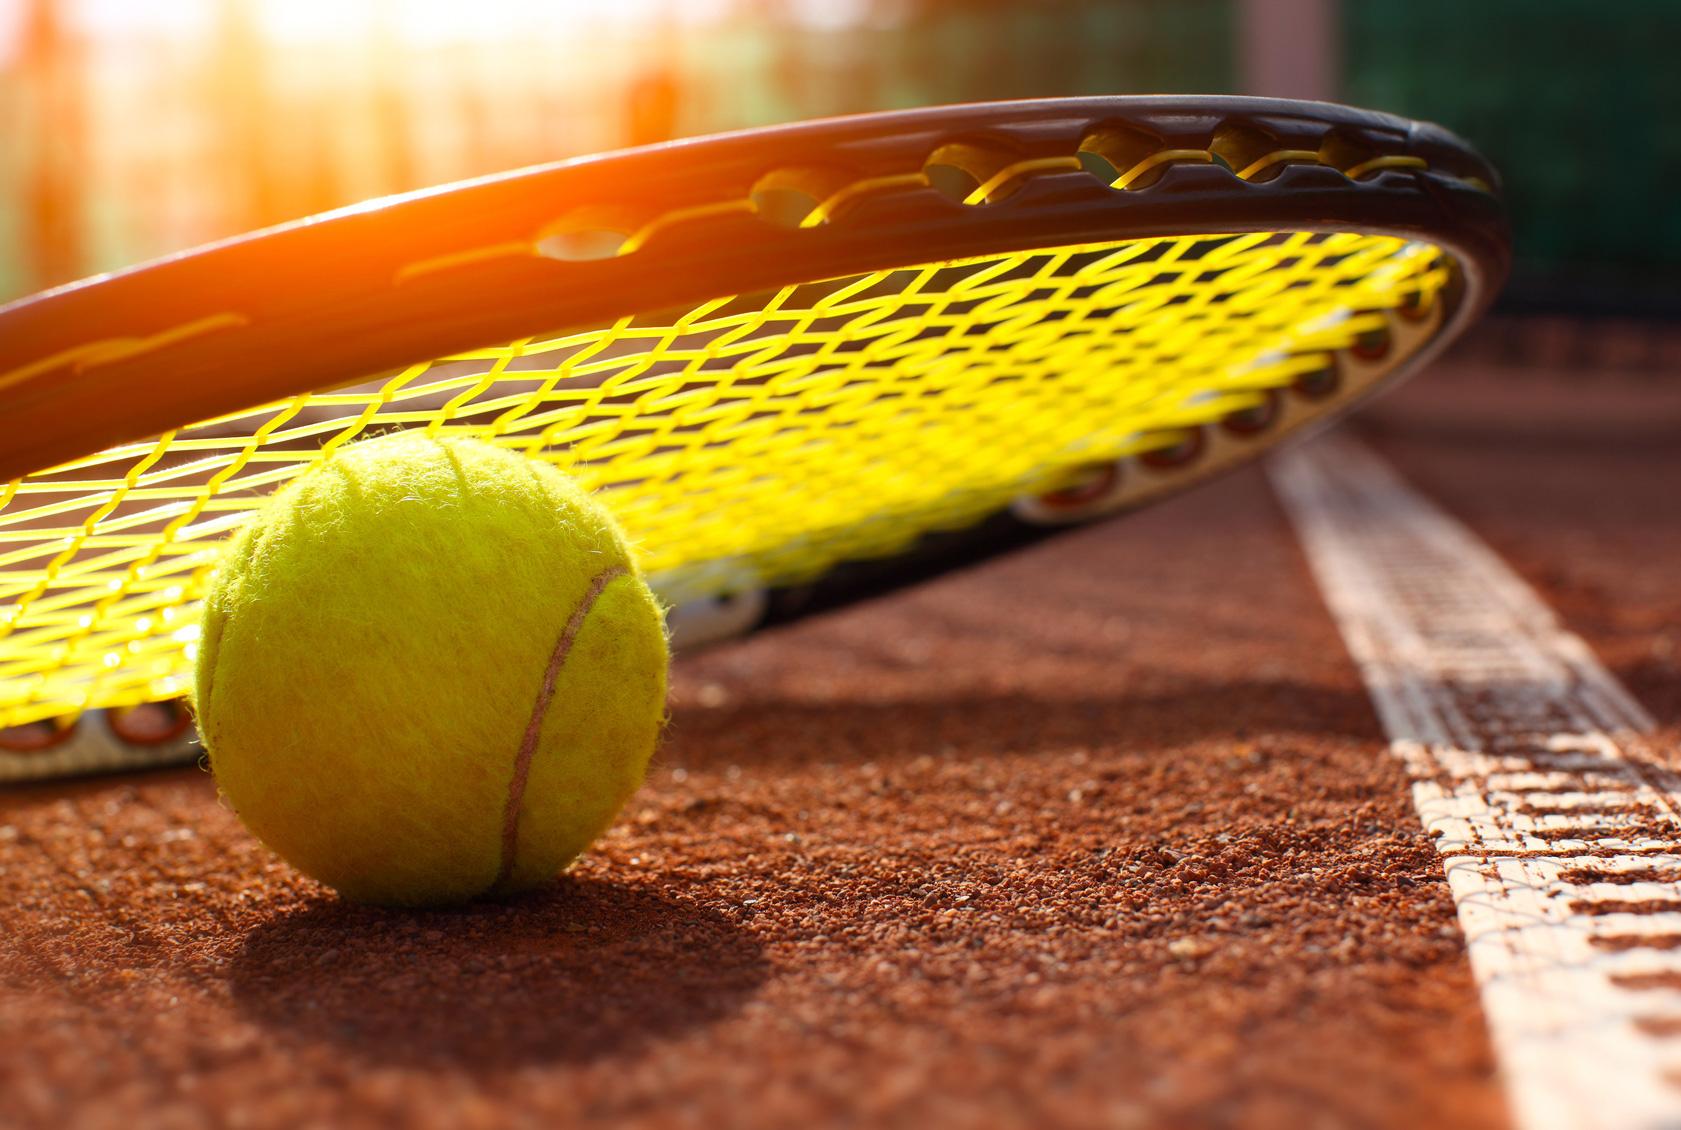 одежды девушке красивая картинка тенниса этого